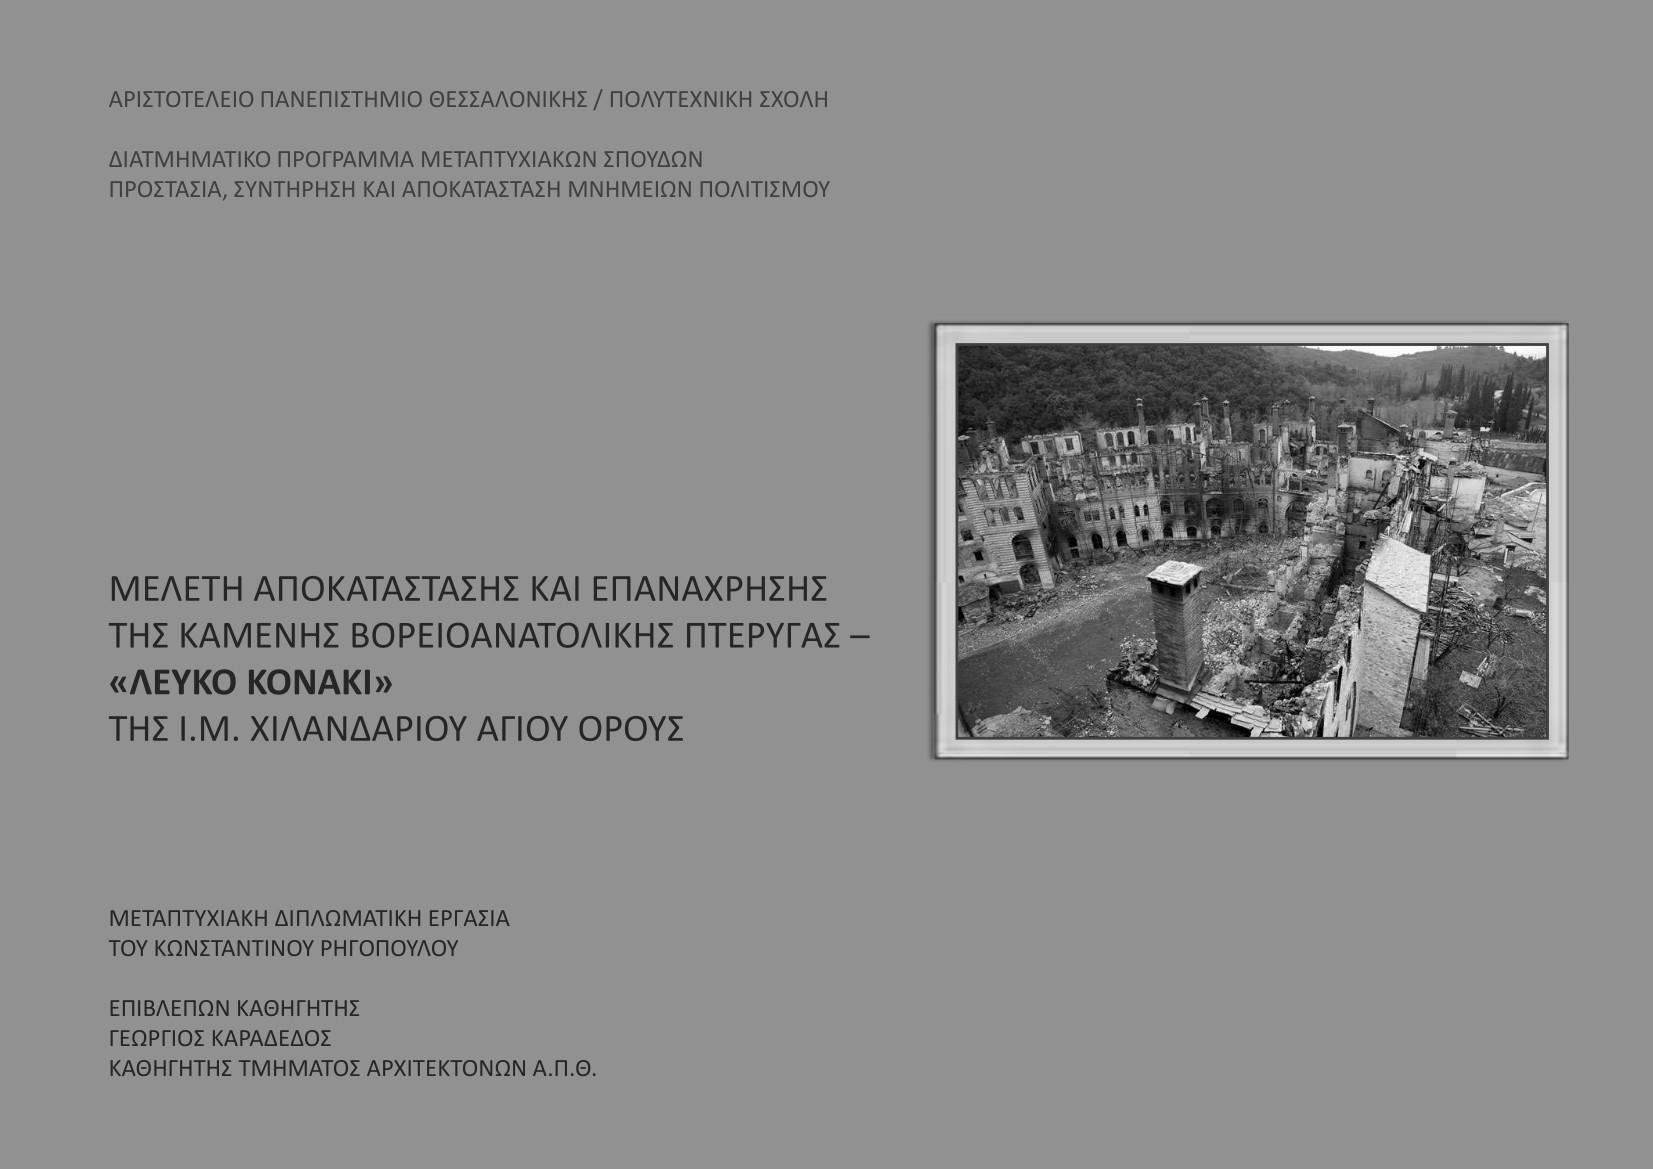 μελετη αποκαταστασης Λευκού Κονακίου Χιλανδαρίου